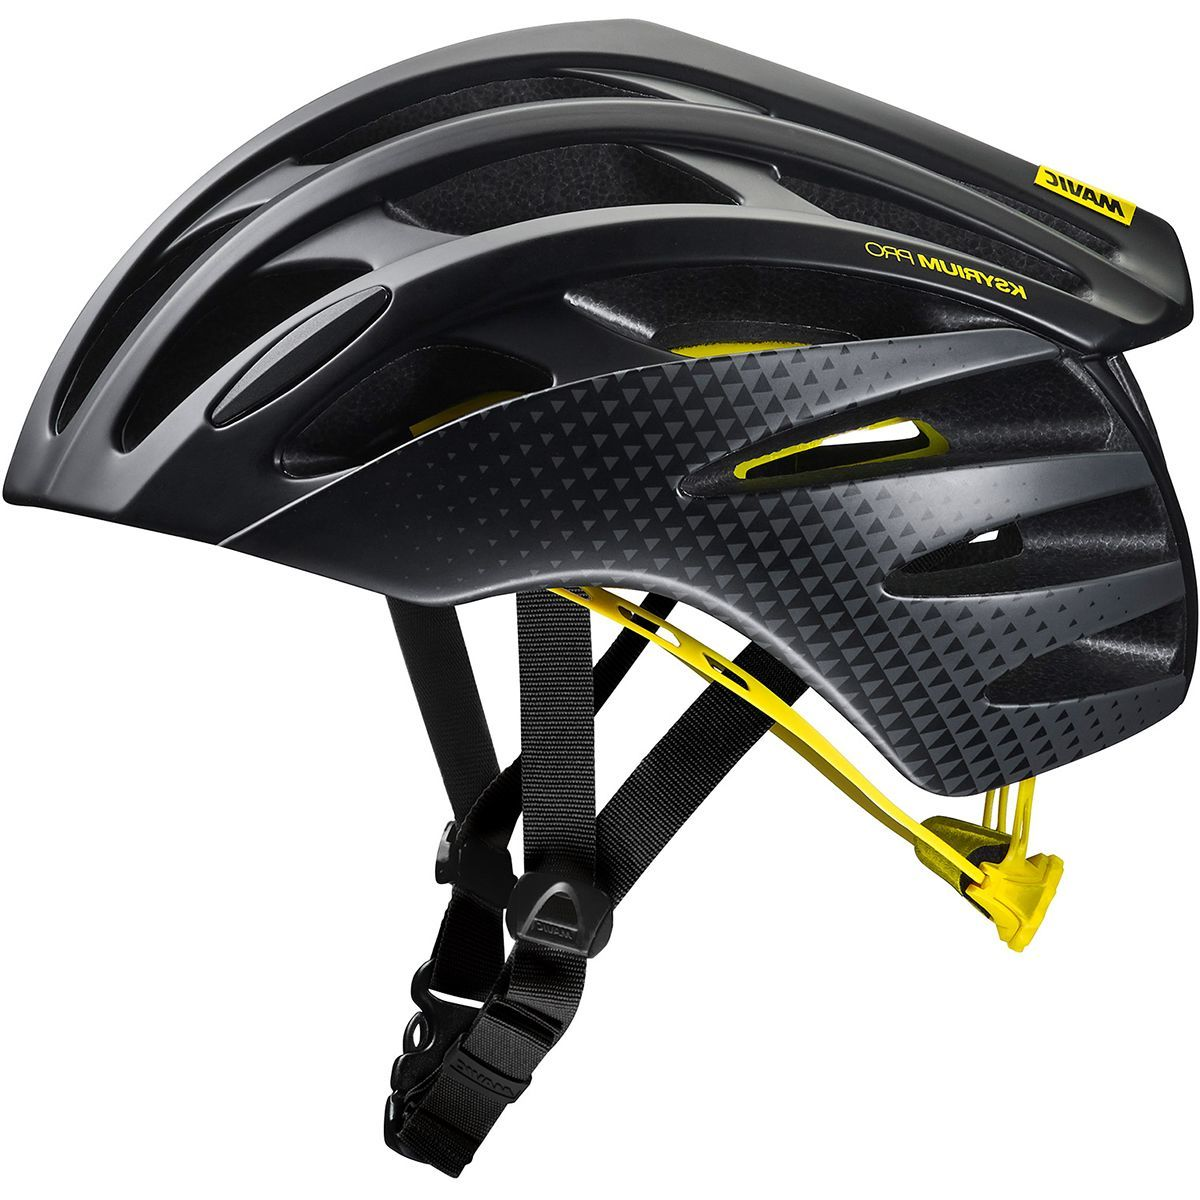 Mavic Ksyrium Pro MIPS Helmet - Men's